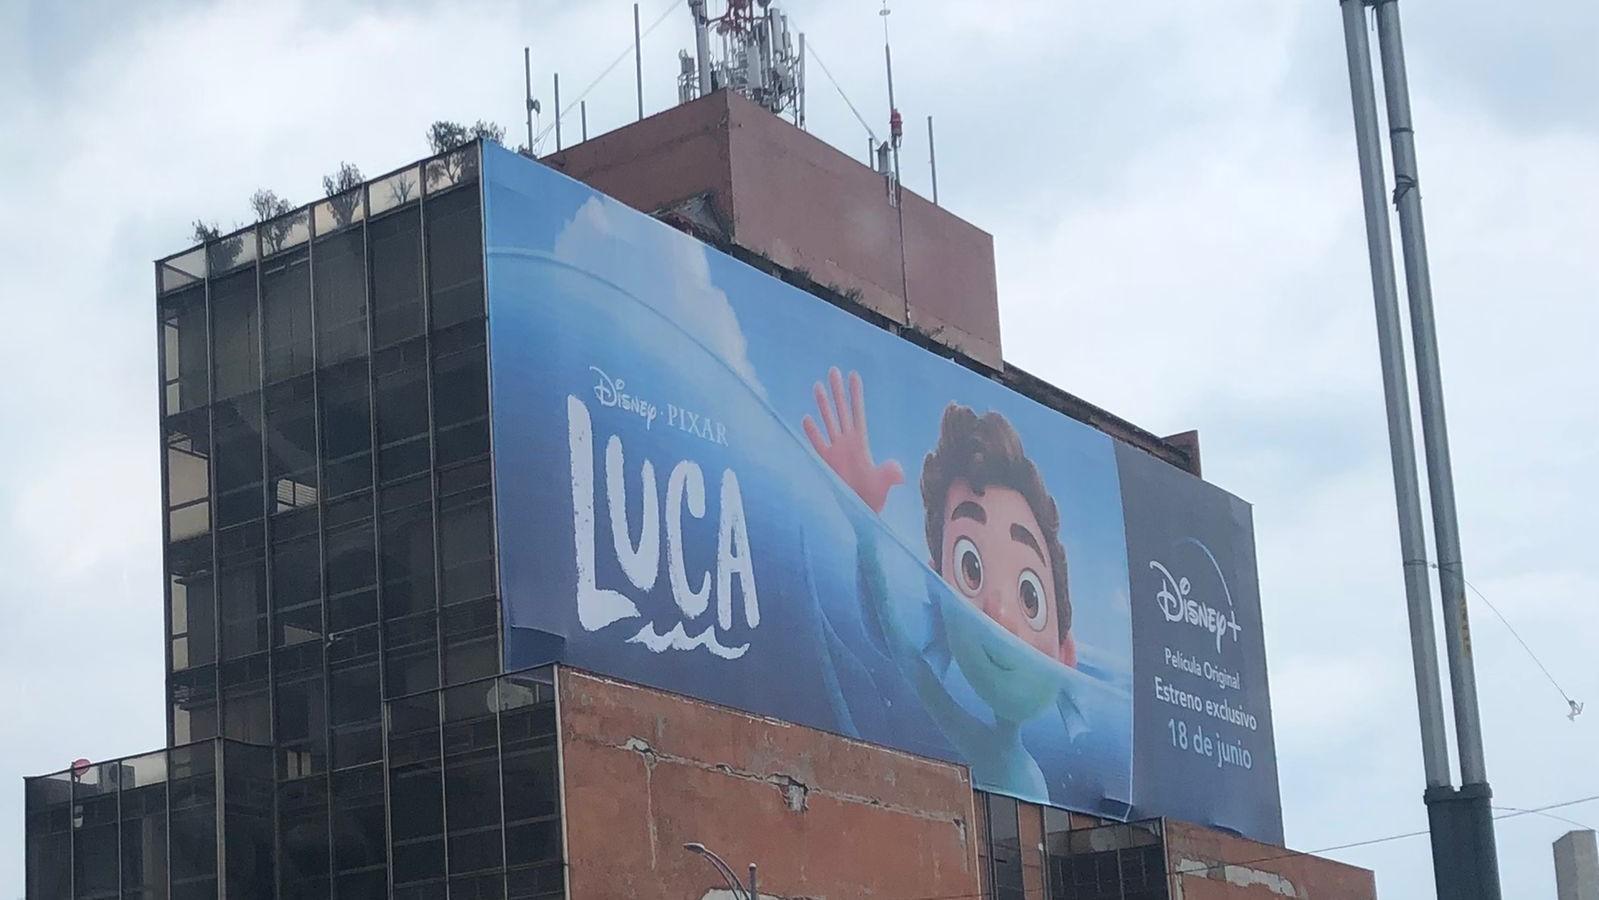 Publicidad exterior ilegal amenazada por el T-MEC